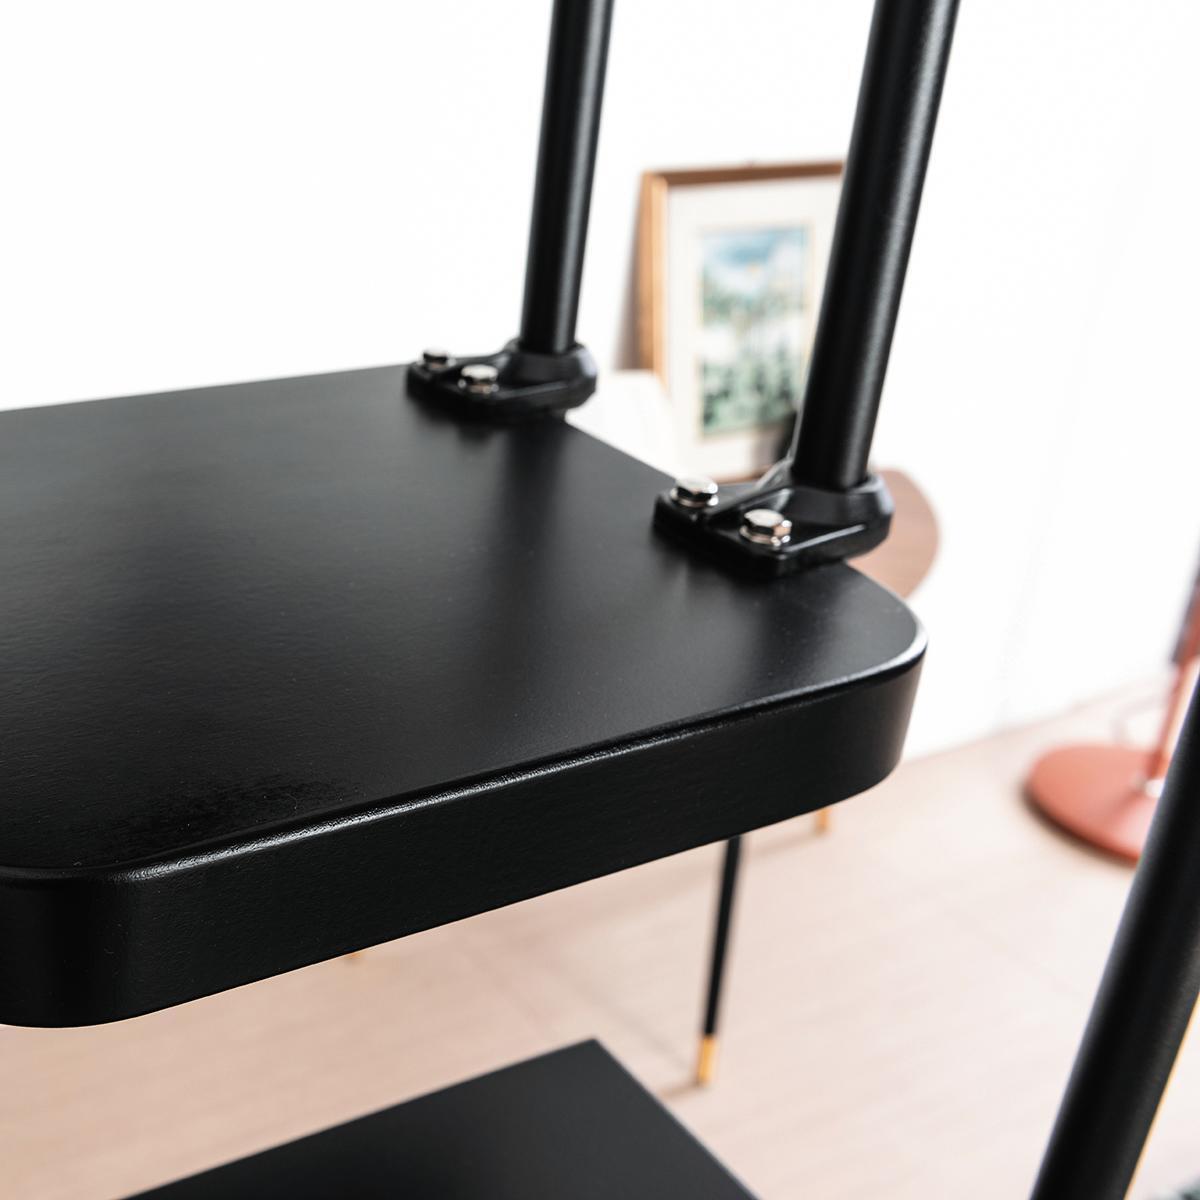 Scala salvaspazio dritto Lindy FONTANOT L 54 cm, gradino nero, struttura nero - 8